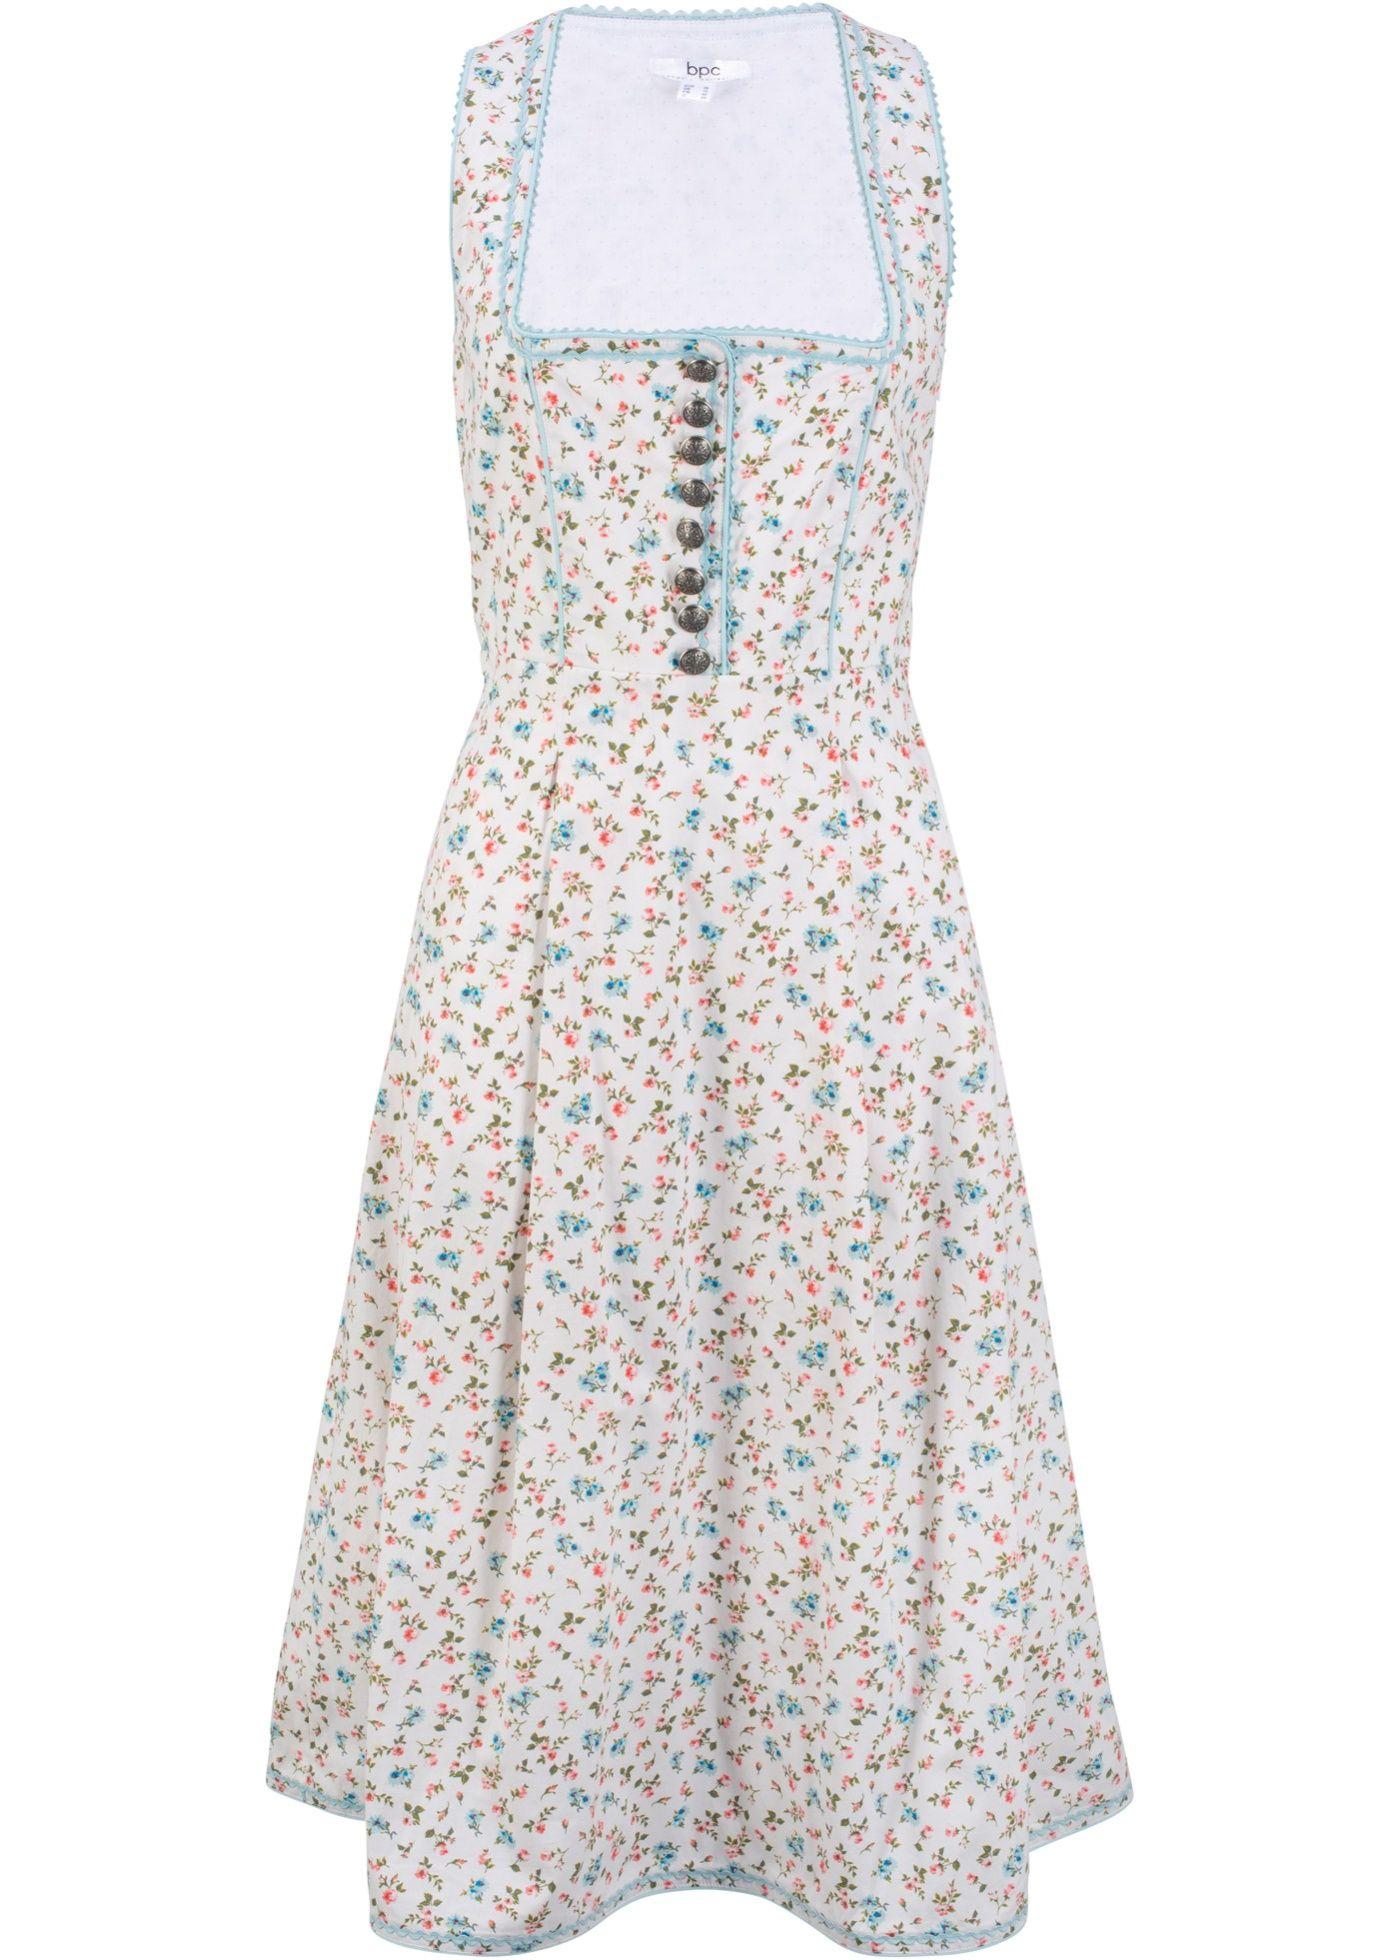 schönes dirndl- kleid mit all - over blumenprint - weiß